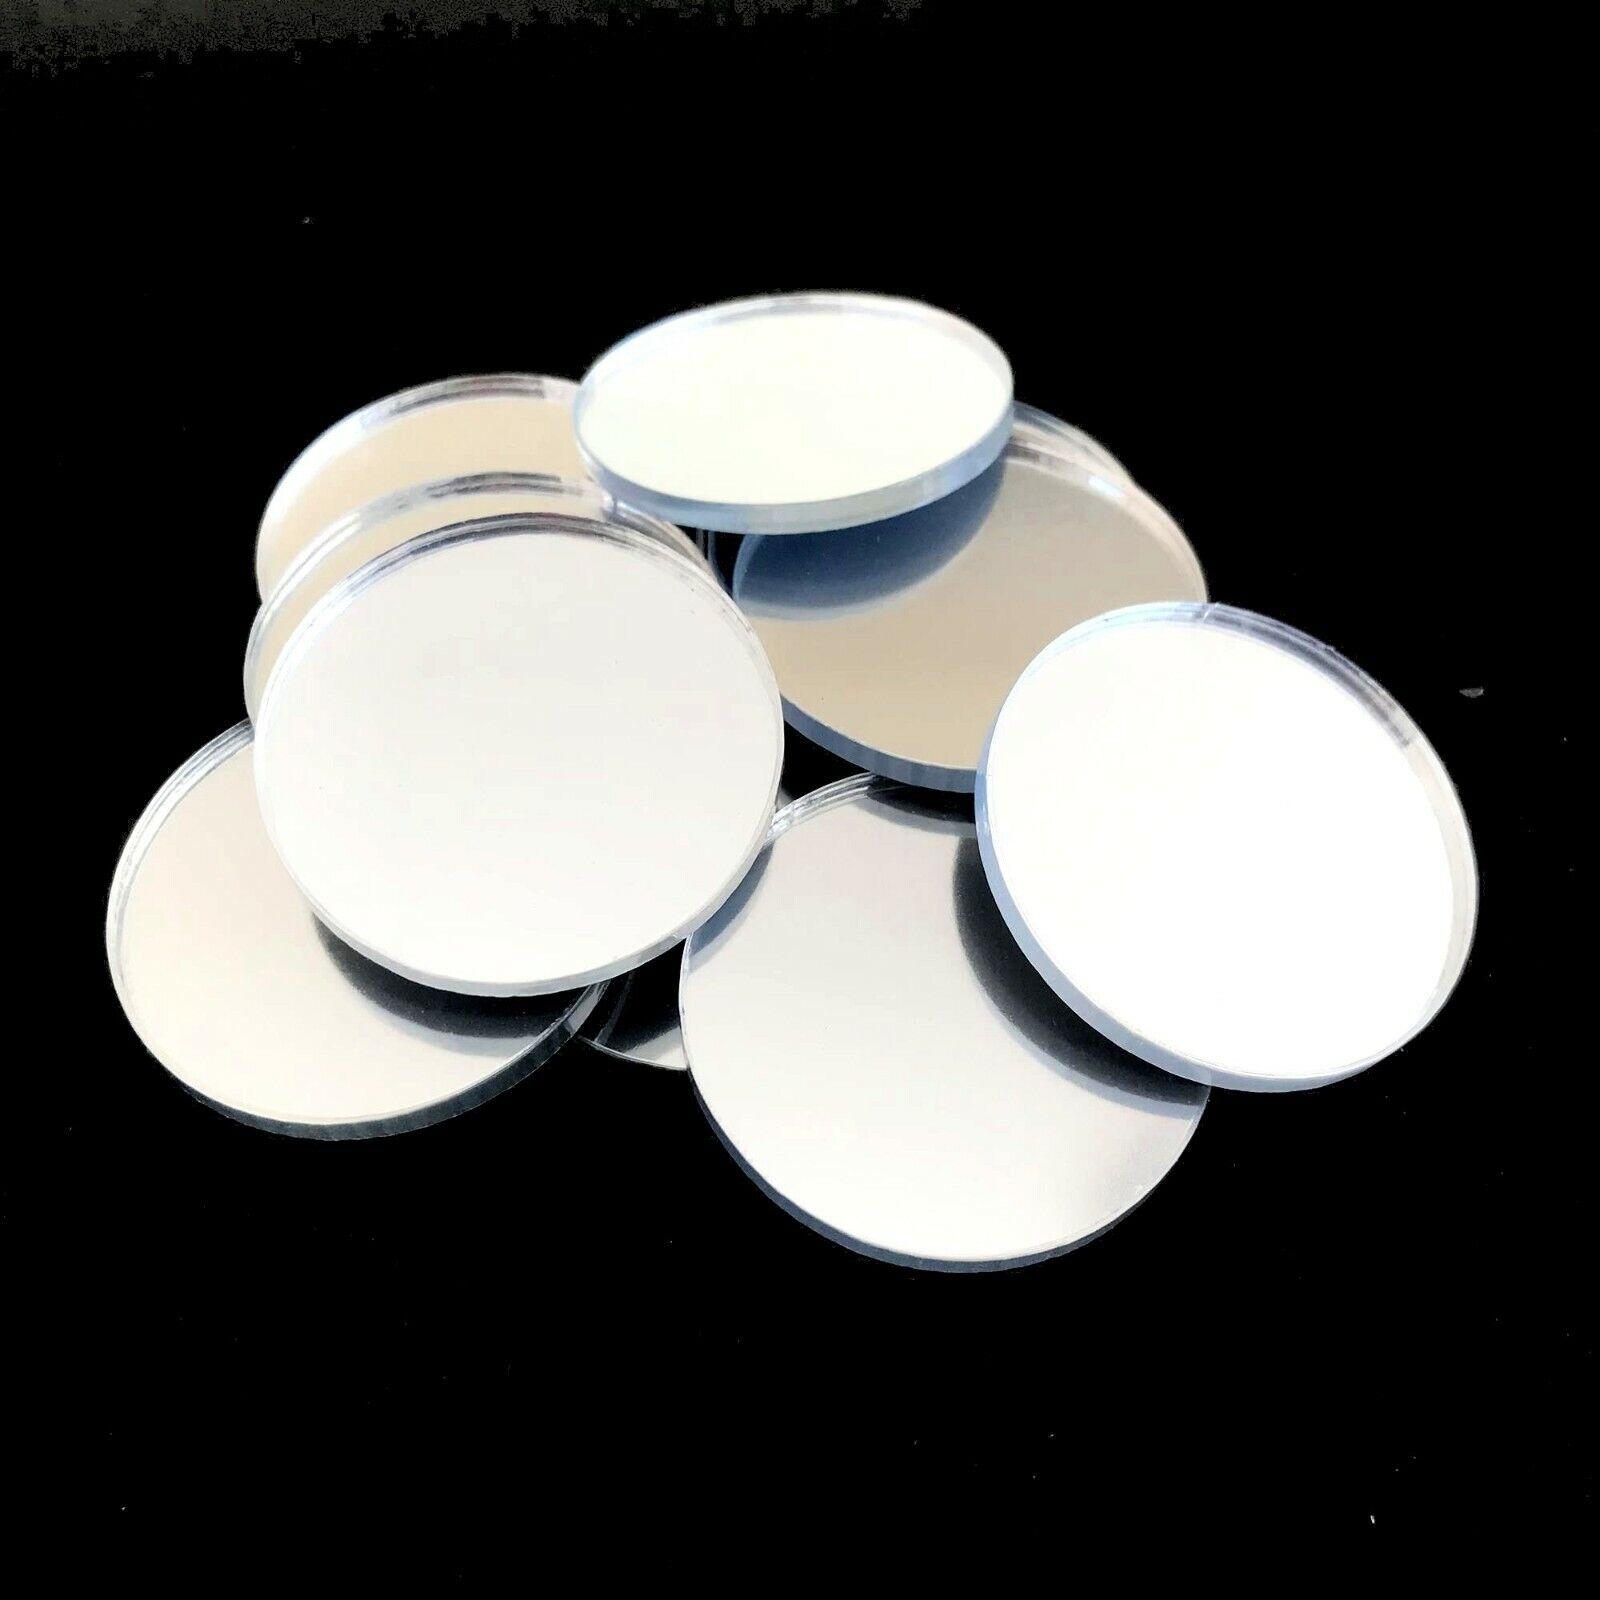 s l1600 - Círculo Manualidades y Decoración Plata Espejos (3mm Acrílico Varios Tamaños)